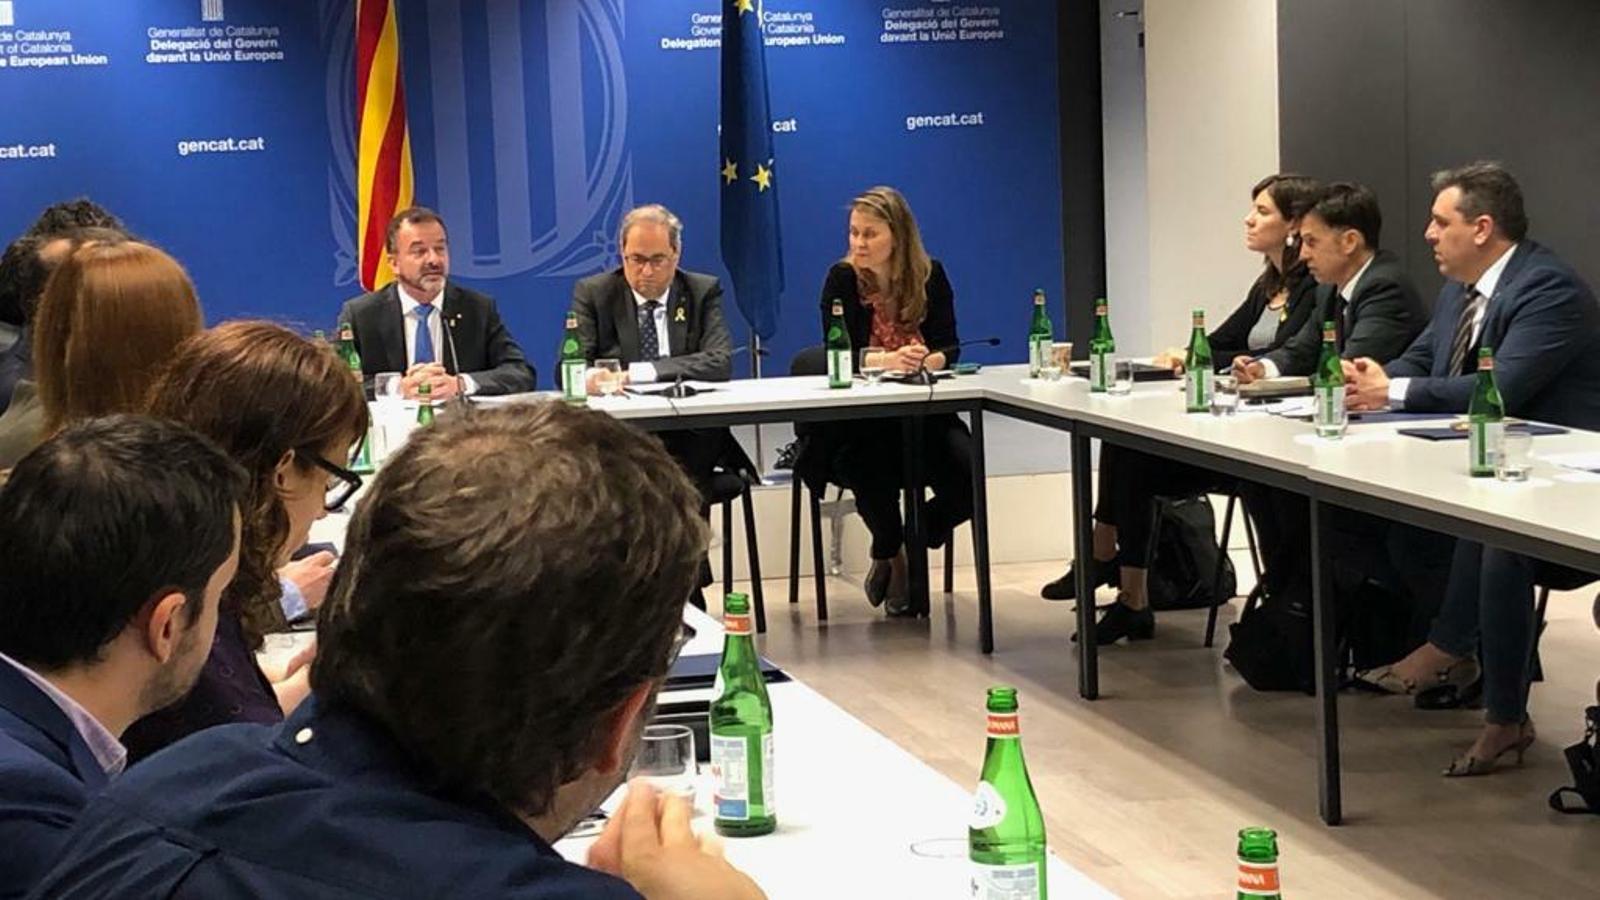 El president Quim Torra, el conseller d'Exteriors Alfred Bosch i la delegada de la Generalitat a la UE, Meritxell Serret.